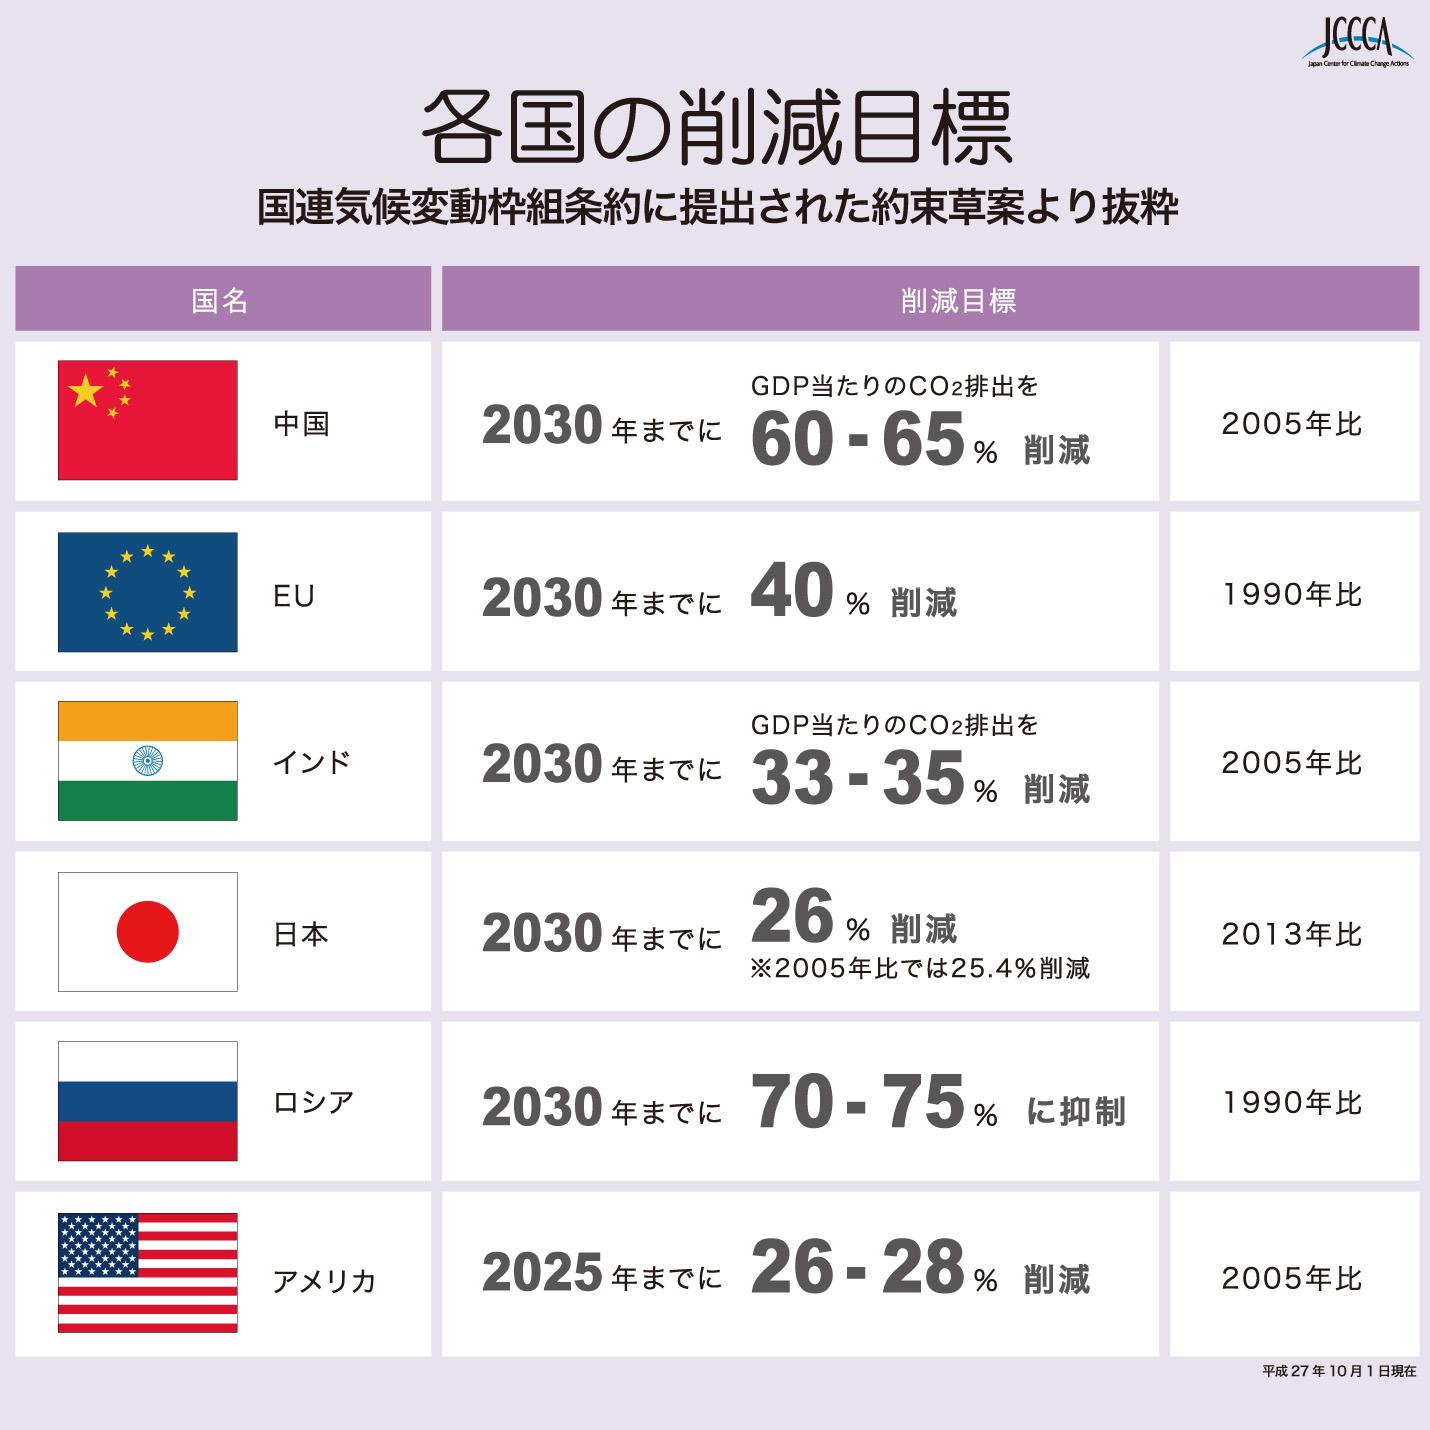 各国の削減目標(国連気候変動枠組条約事務局に提出された約束草案より抜粋)